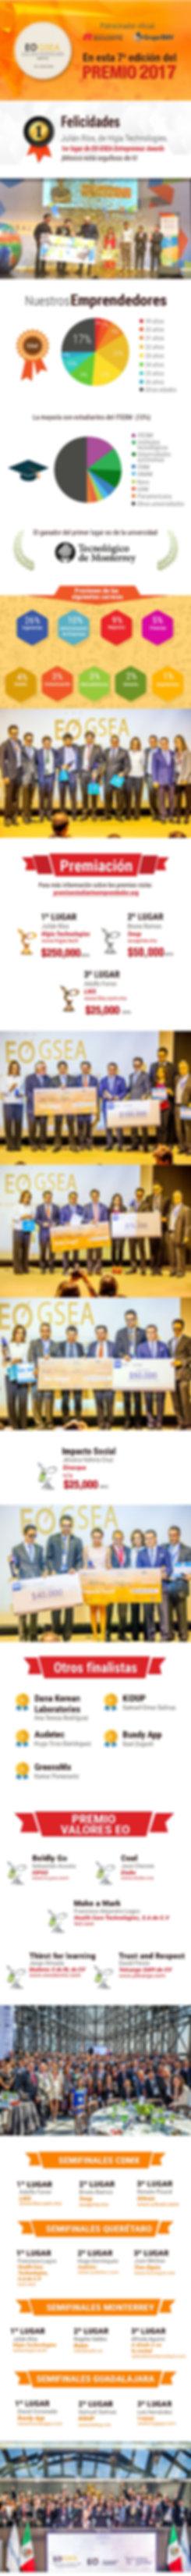 Resultados de la edición anterior de GSEA México (Premio Estudiante Emprendedor), donde se apoya a estudiantes emprendedores a evolucionar su negocio y ampliar su red de contactos, entre muchos otros beneficios.